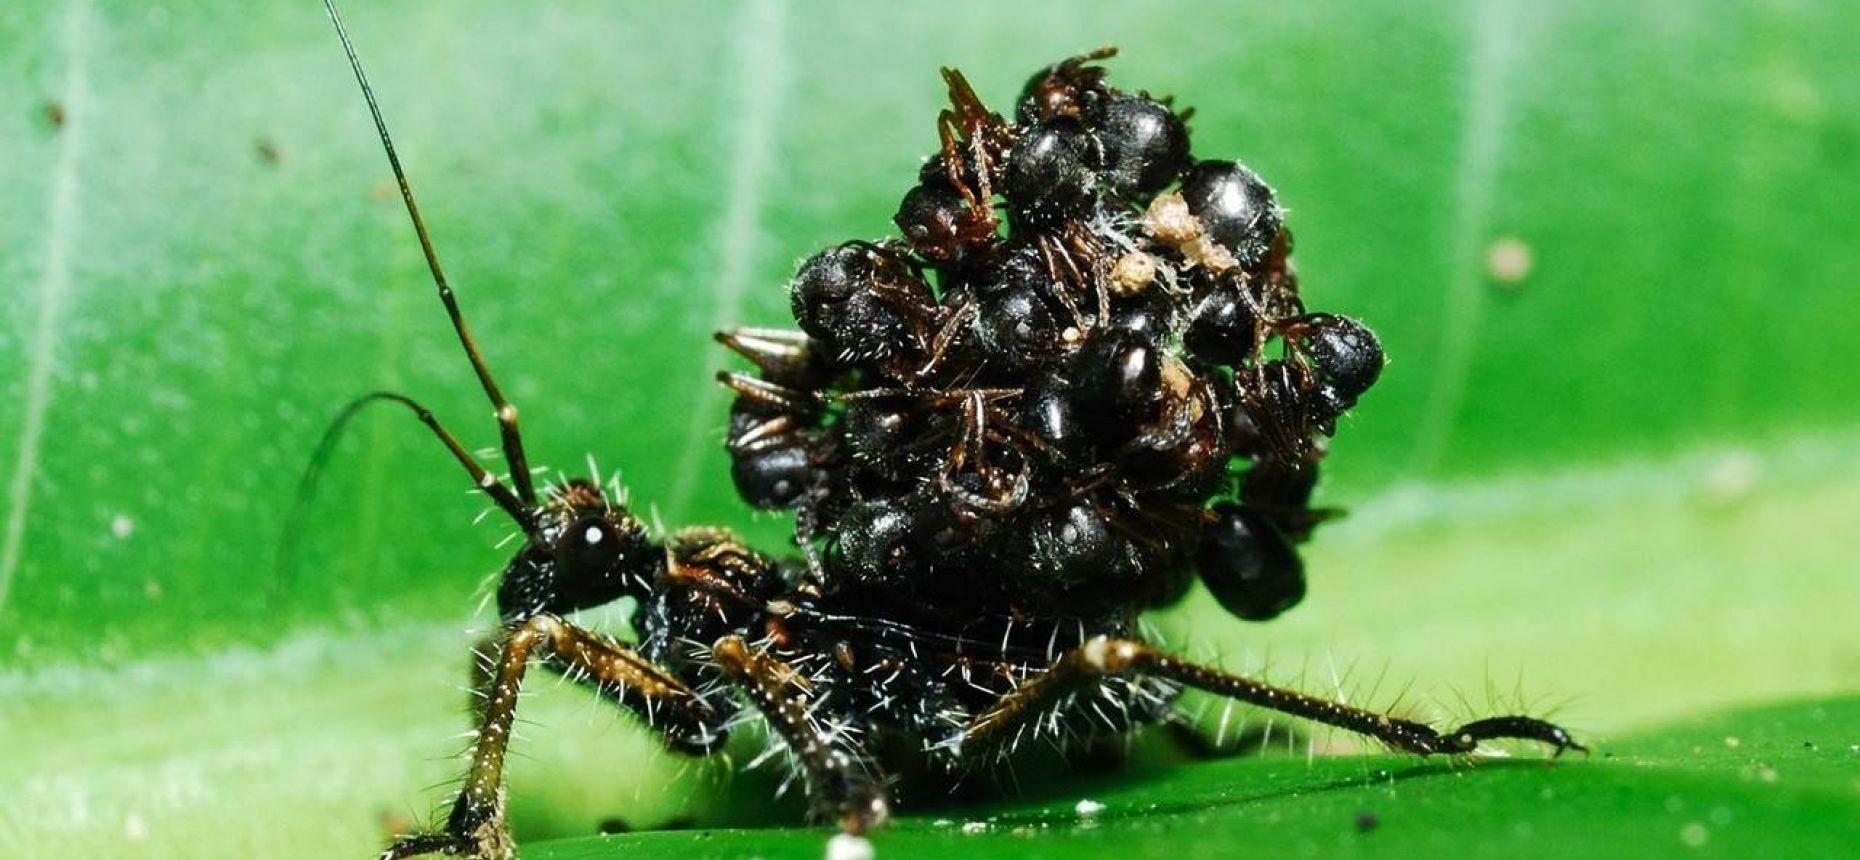 Клопы таскают на своей спине множество трупов муравьёв